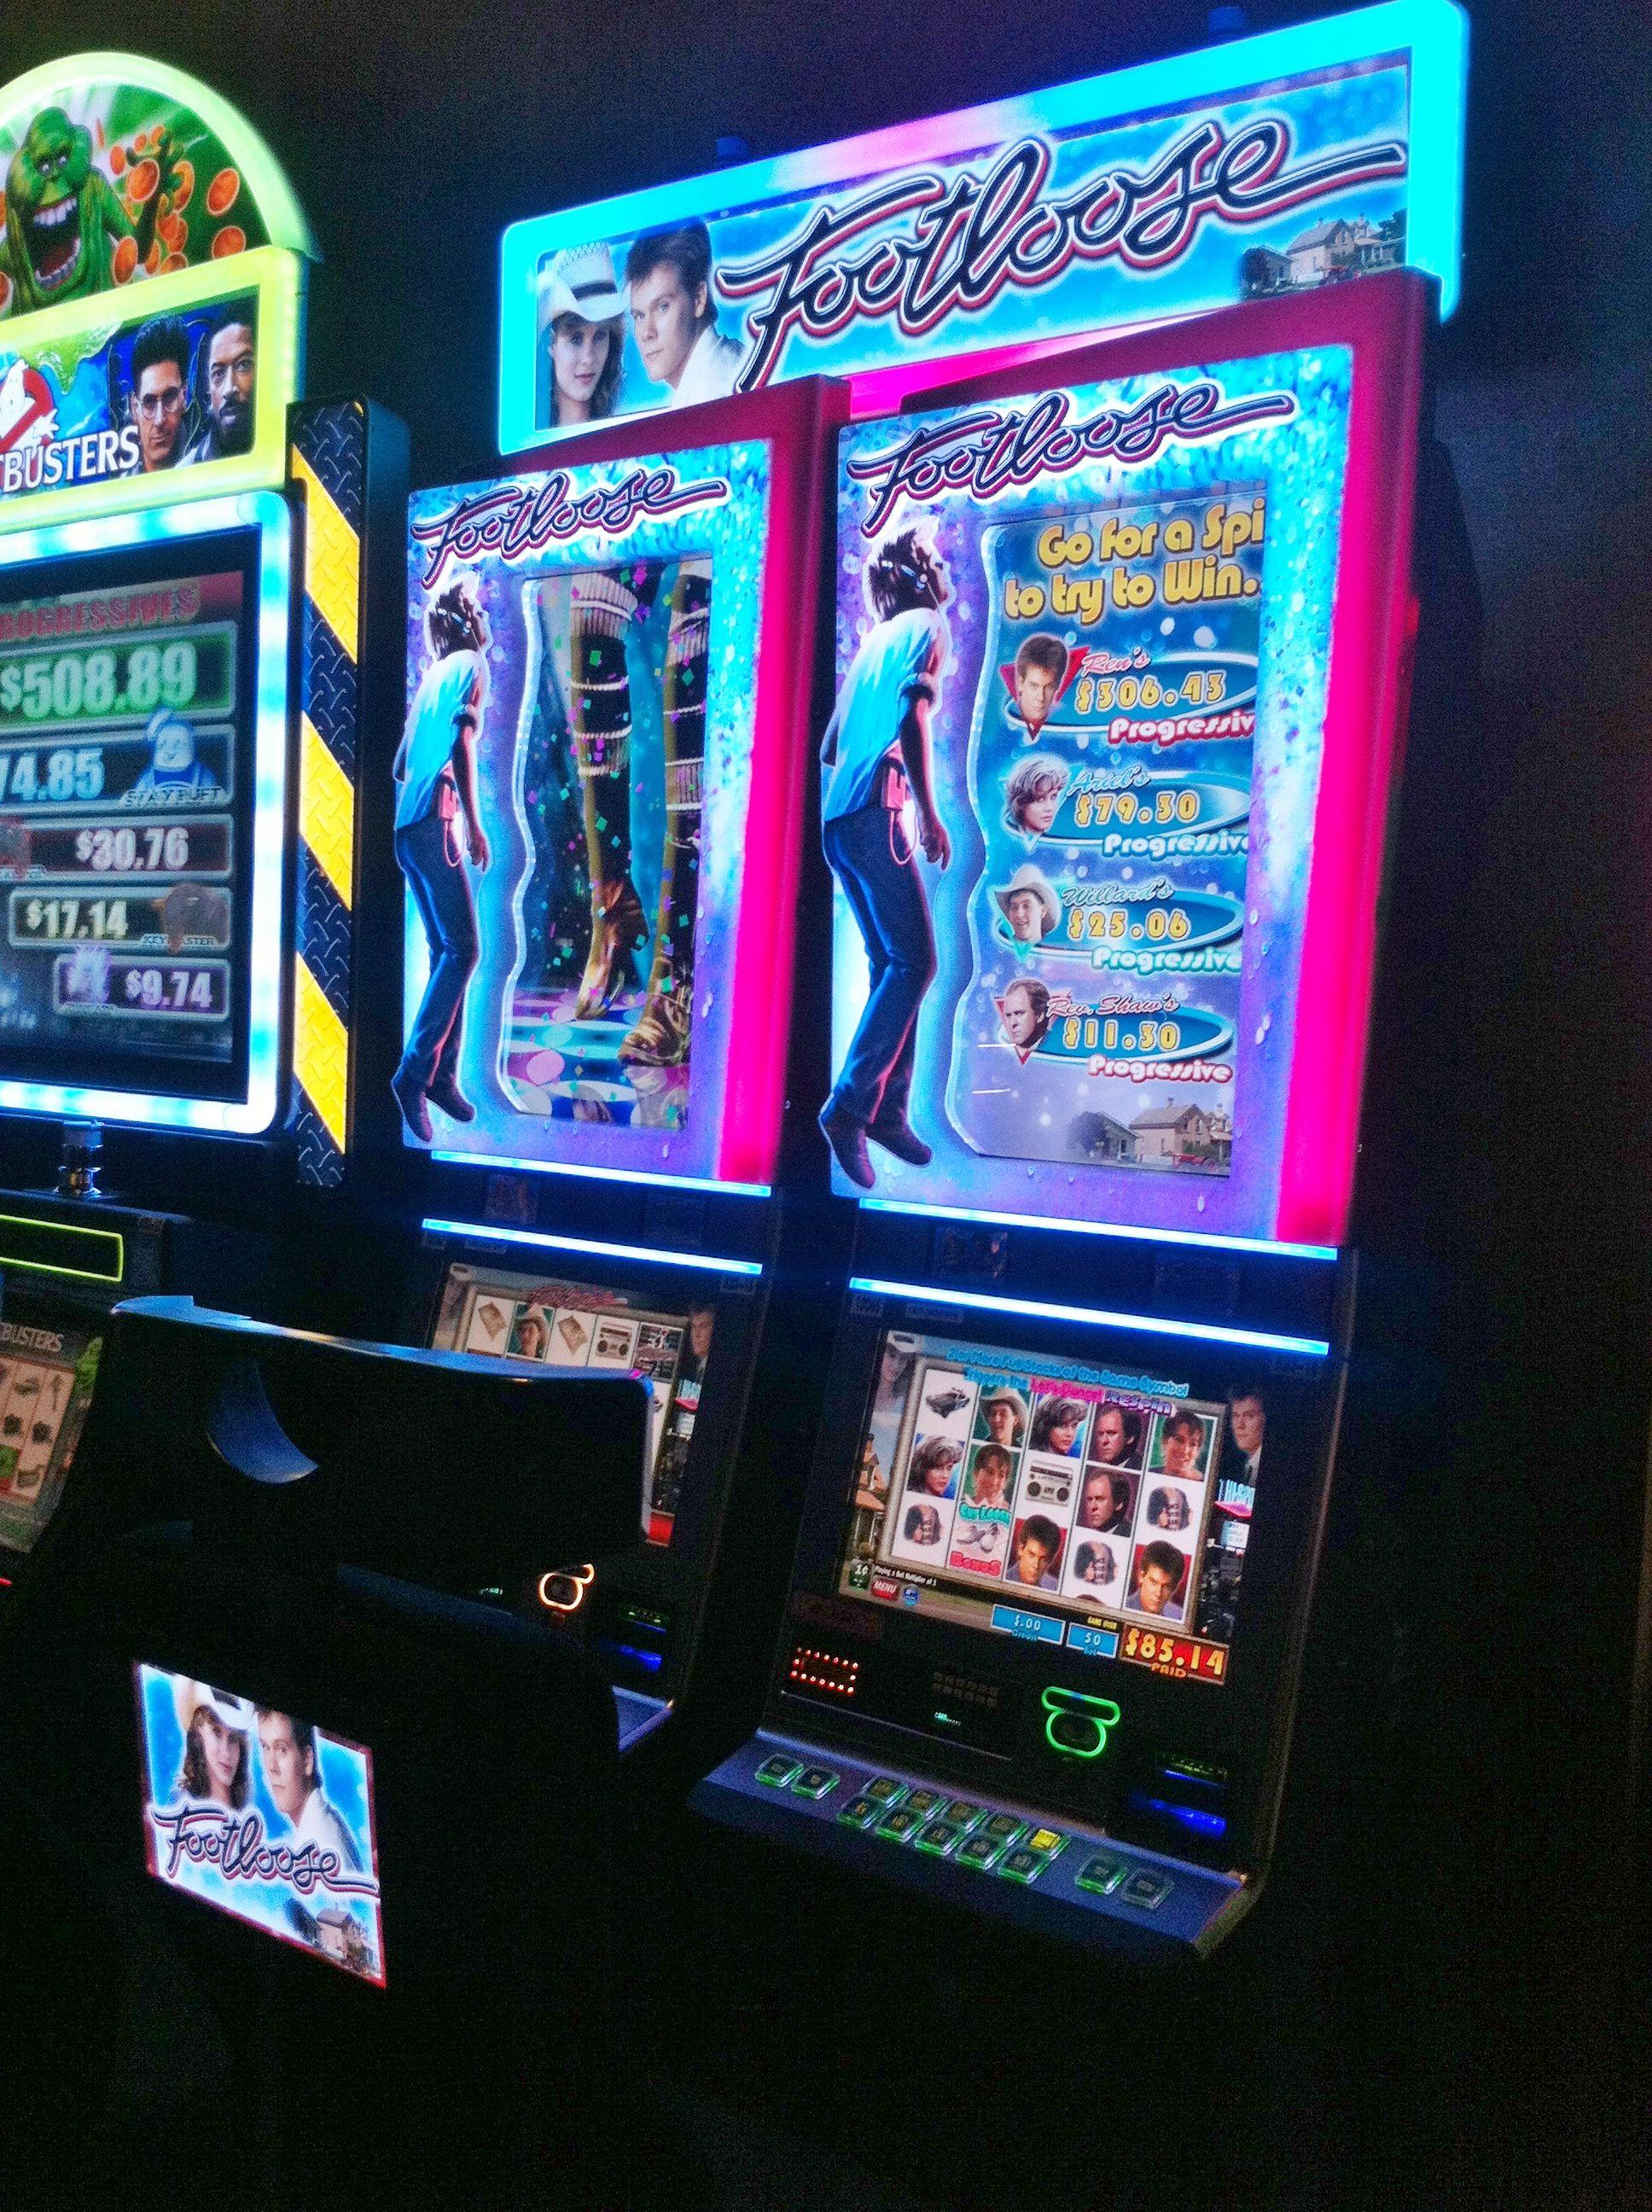 Pin on Slots at Chukchansi